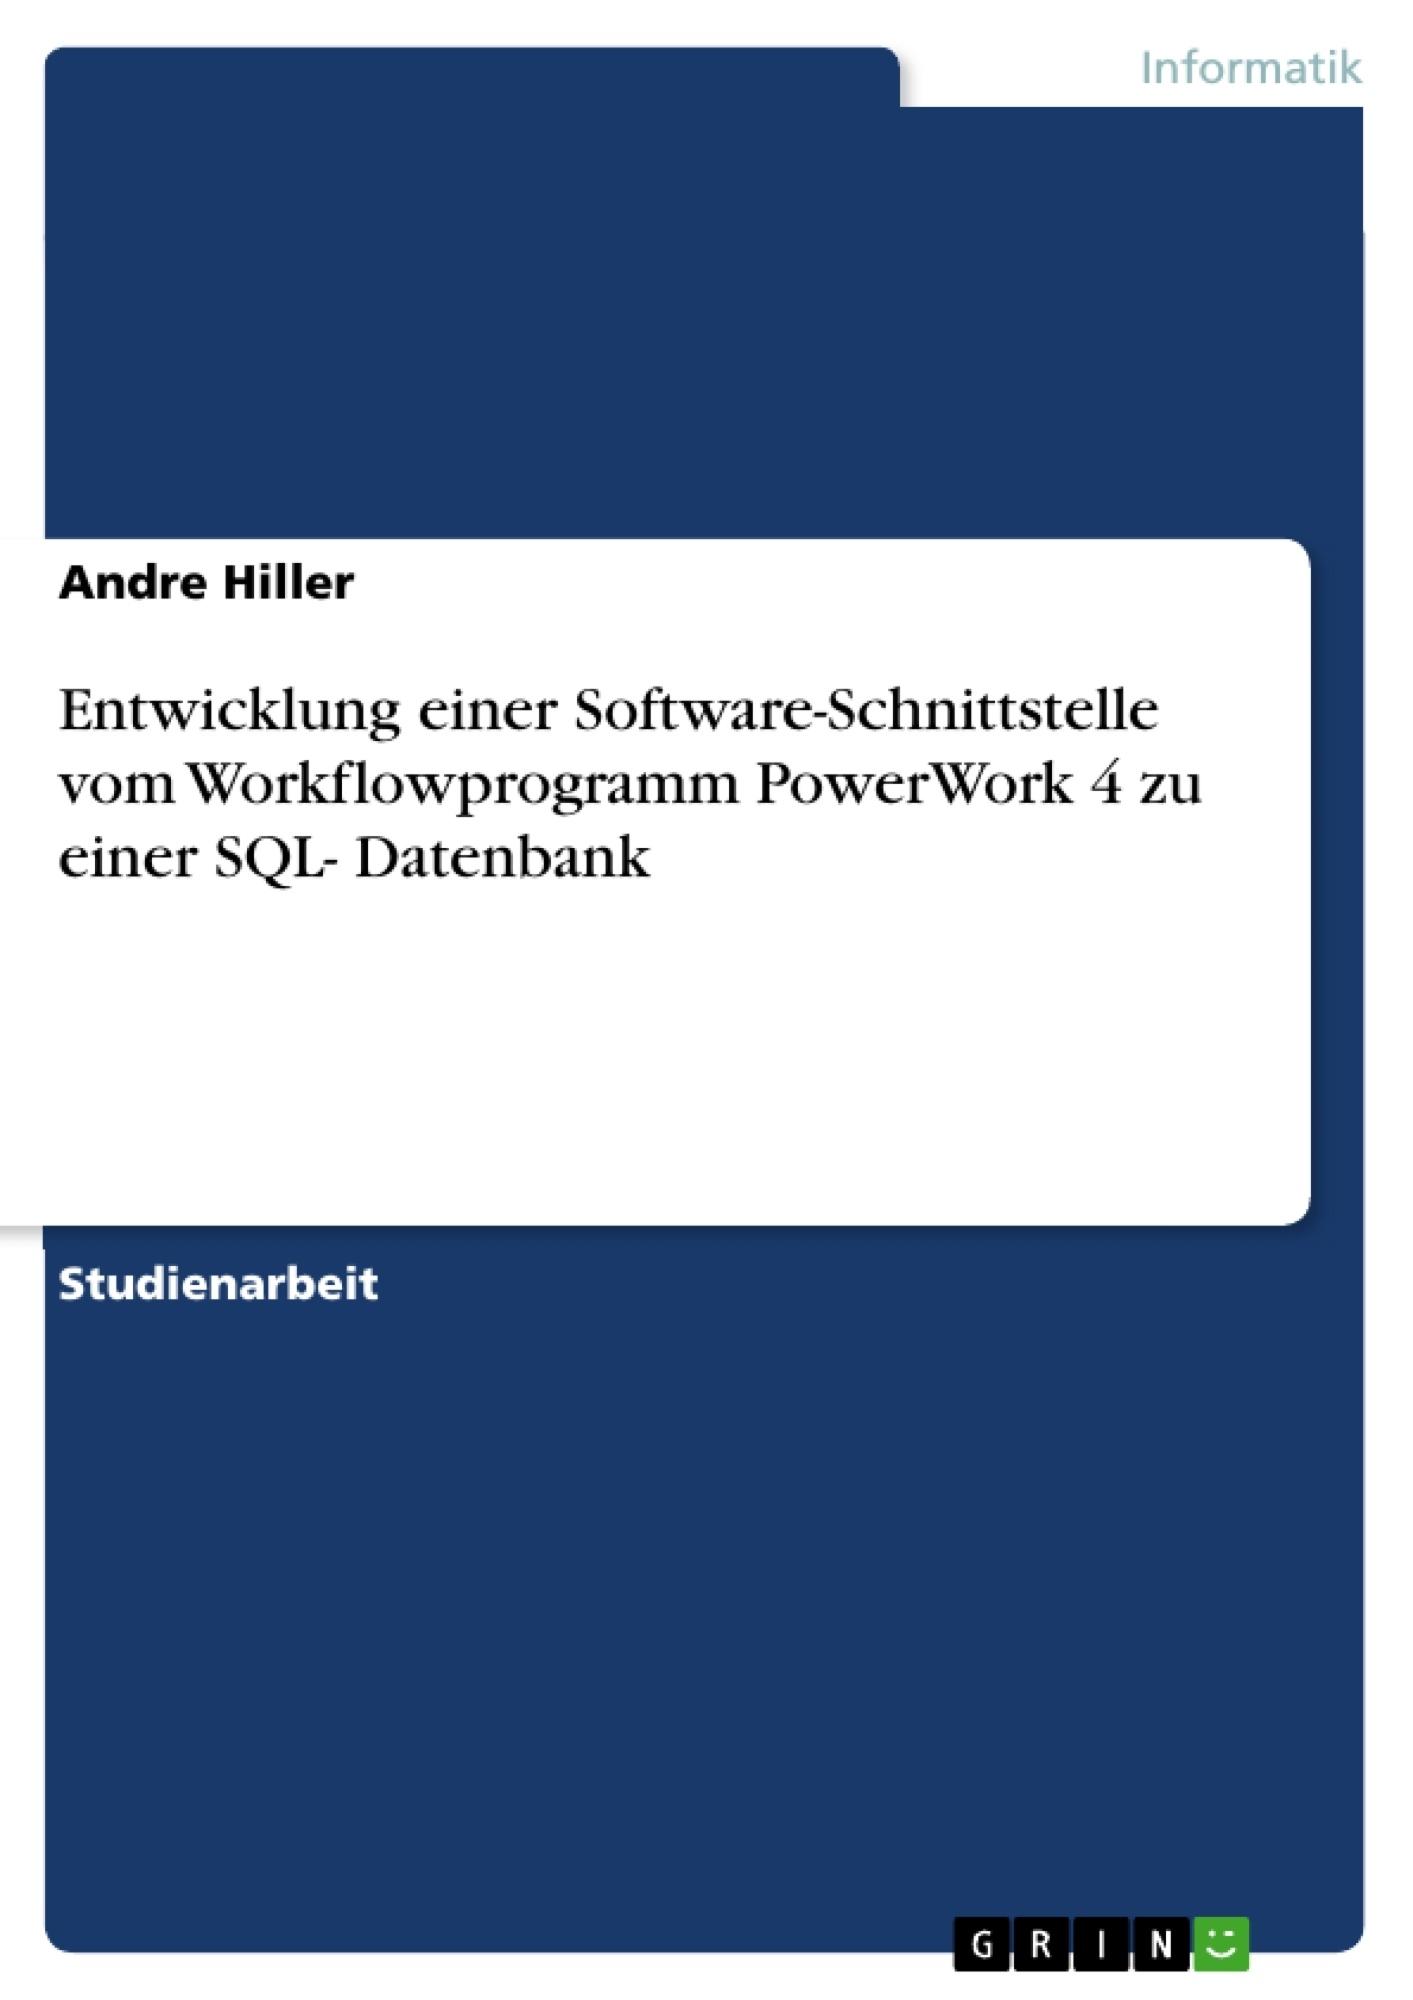 Titel: Entwicklung einer Software-Schnittstelle vom Workflowprogramm PowerWork 4 zu einer SQL- Datenbank